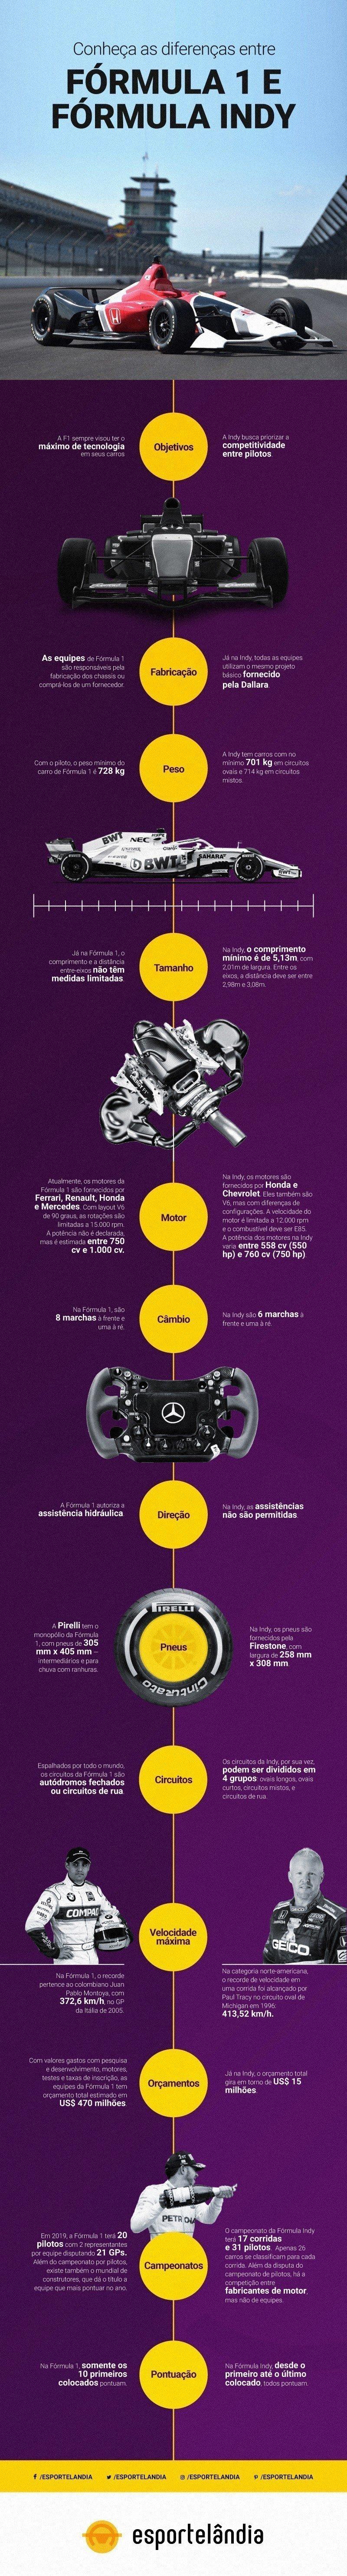 Infográfico das diferenças entre Fórmula 1 e Indy